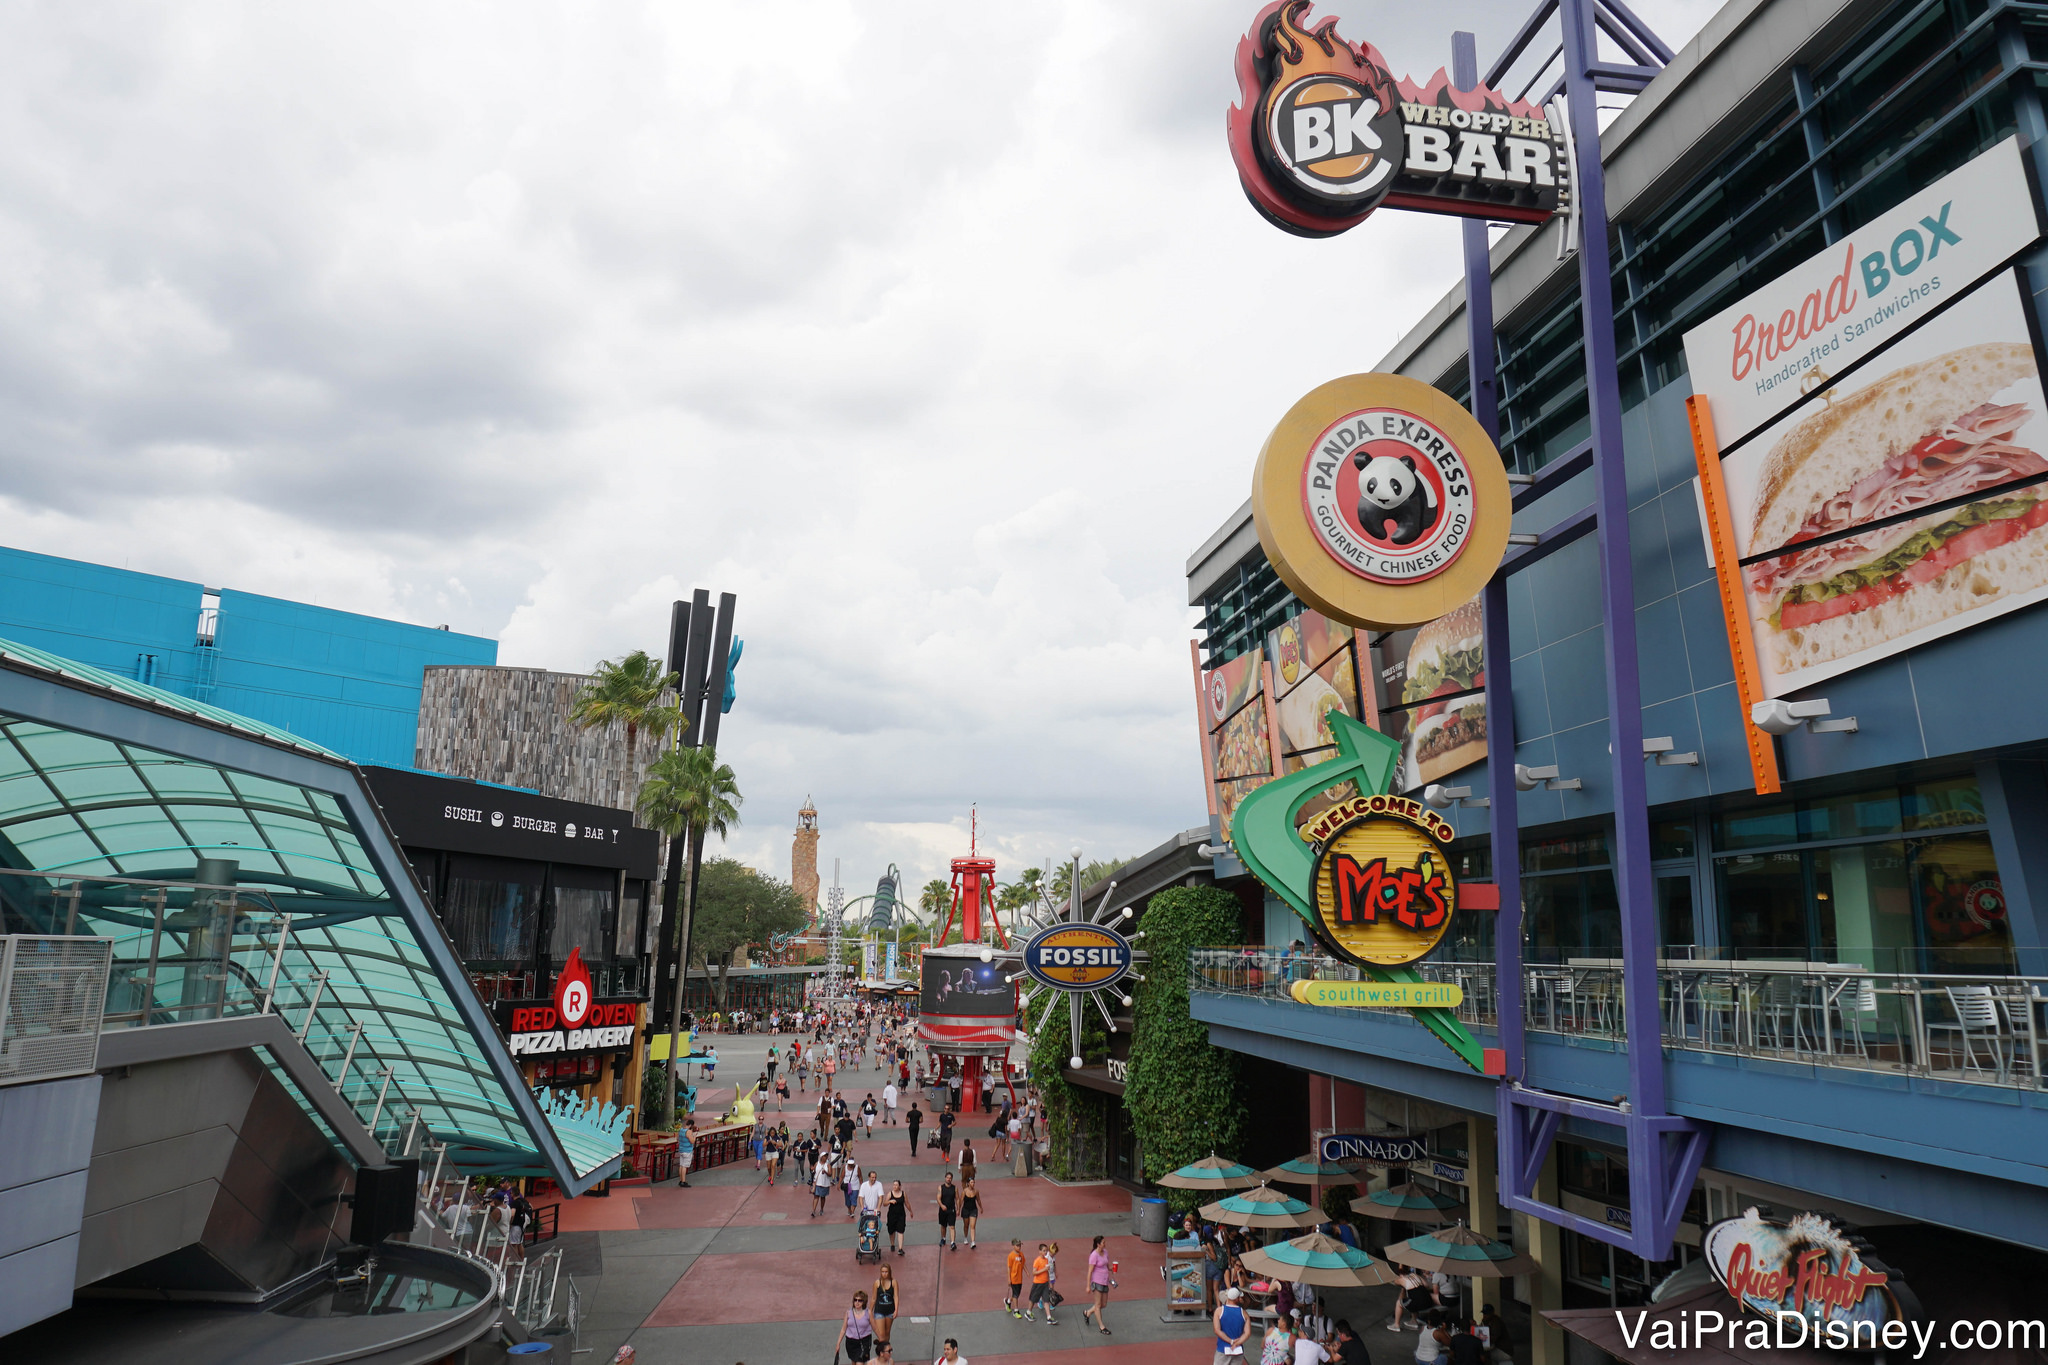 Foto de uma placa mostrando diversas opções de restaurantes do CityWalk, como Panda Express e Moe's